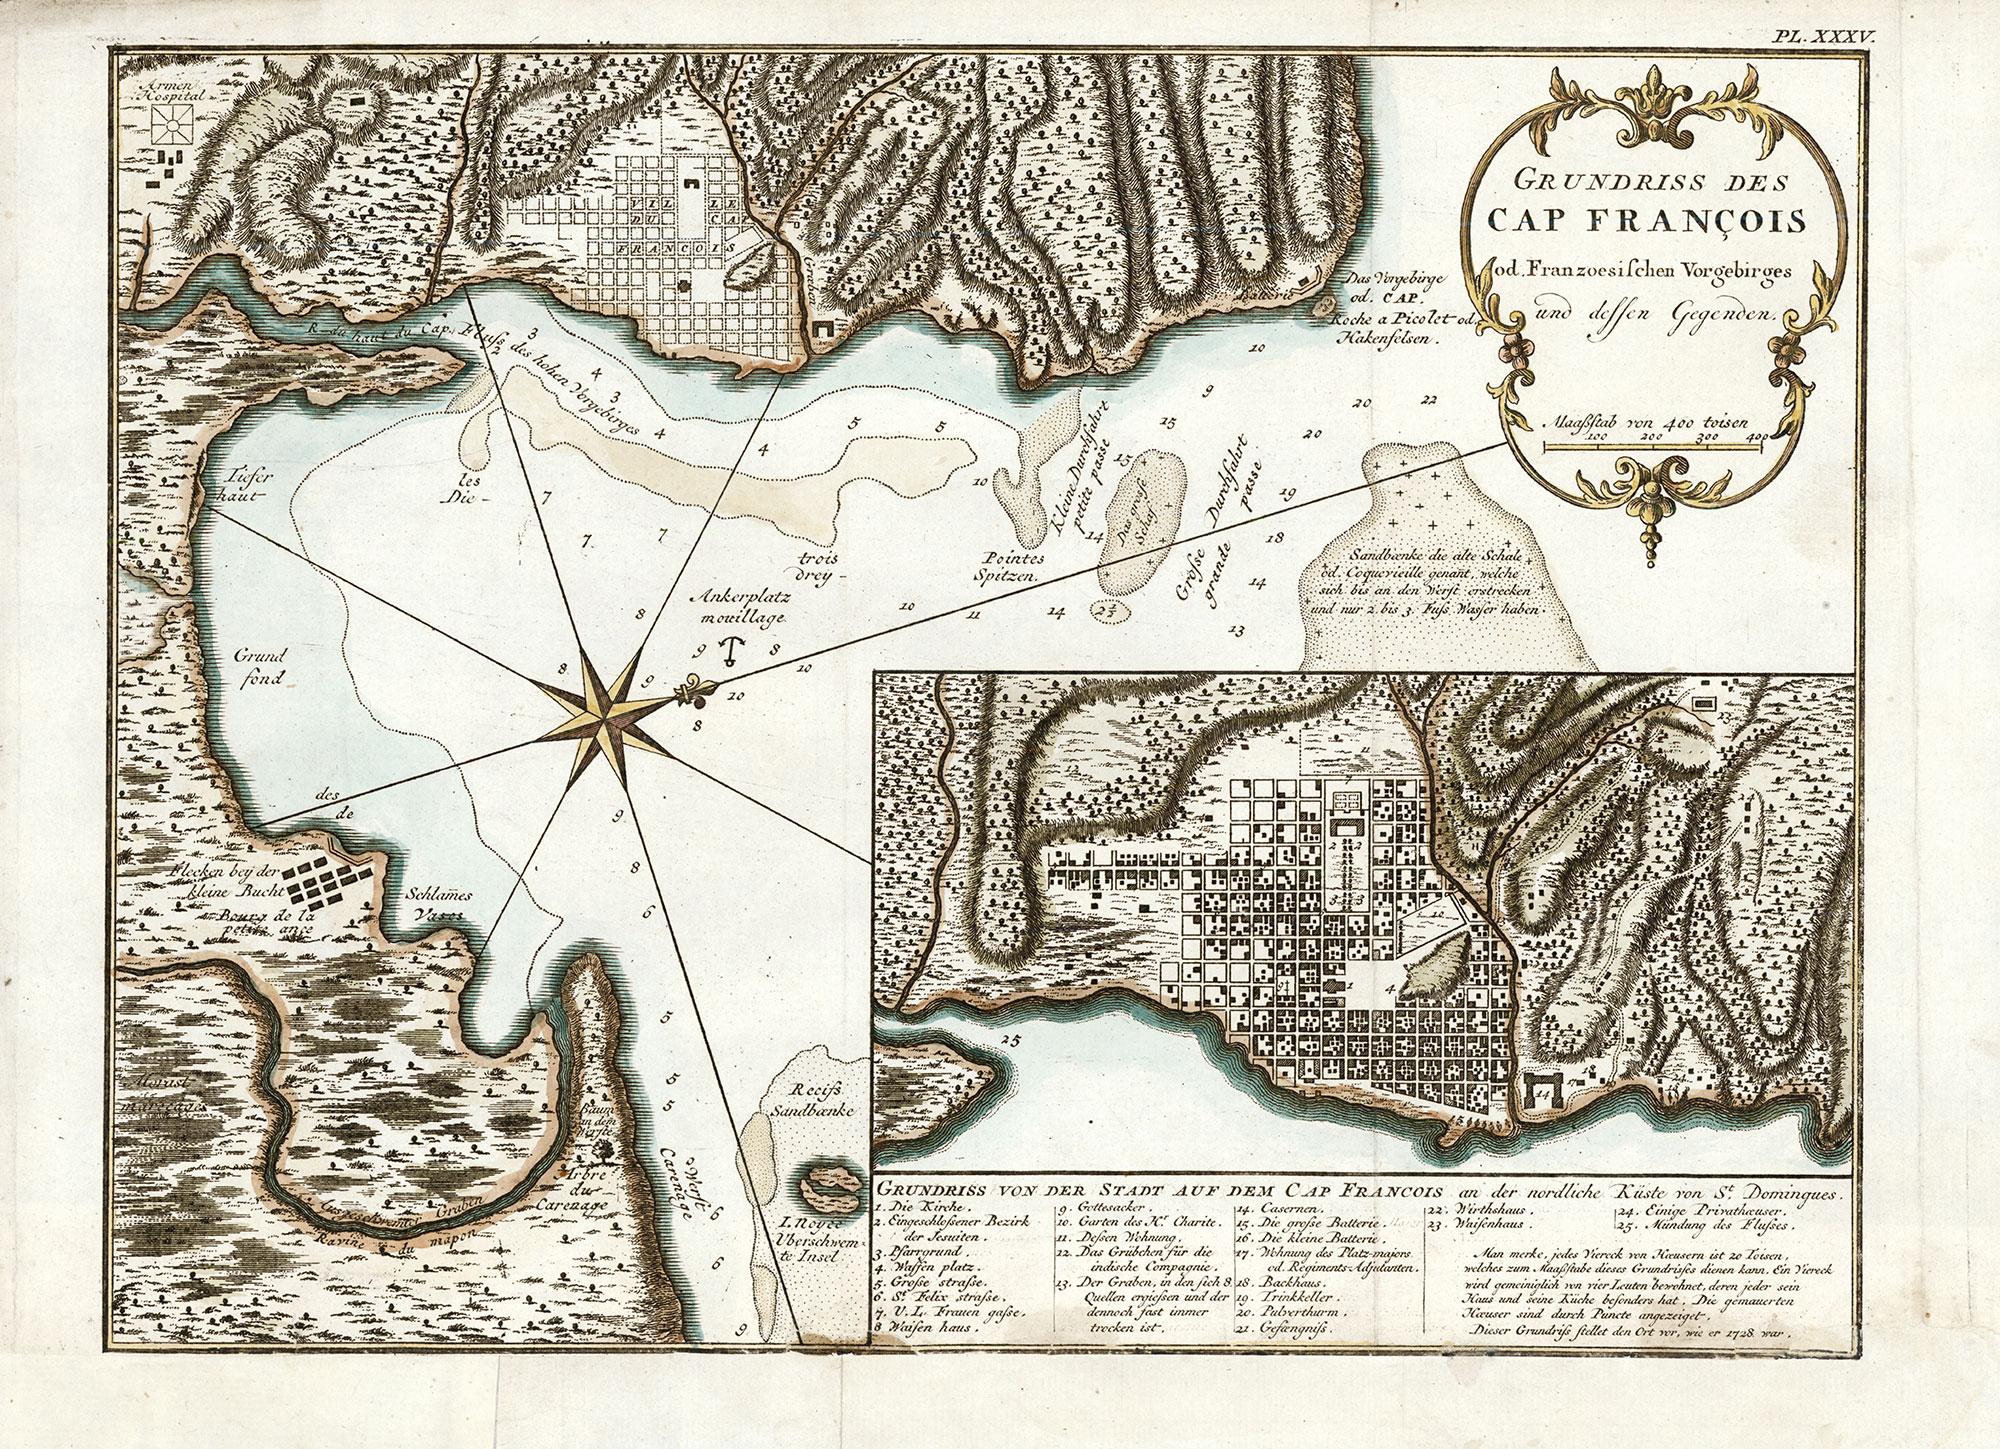 Grundriss des cap francois od. franzoesishen vorgebirges und dressen gegenden (plan du cap françois et de ses environs)